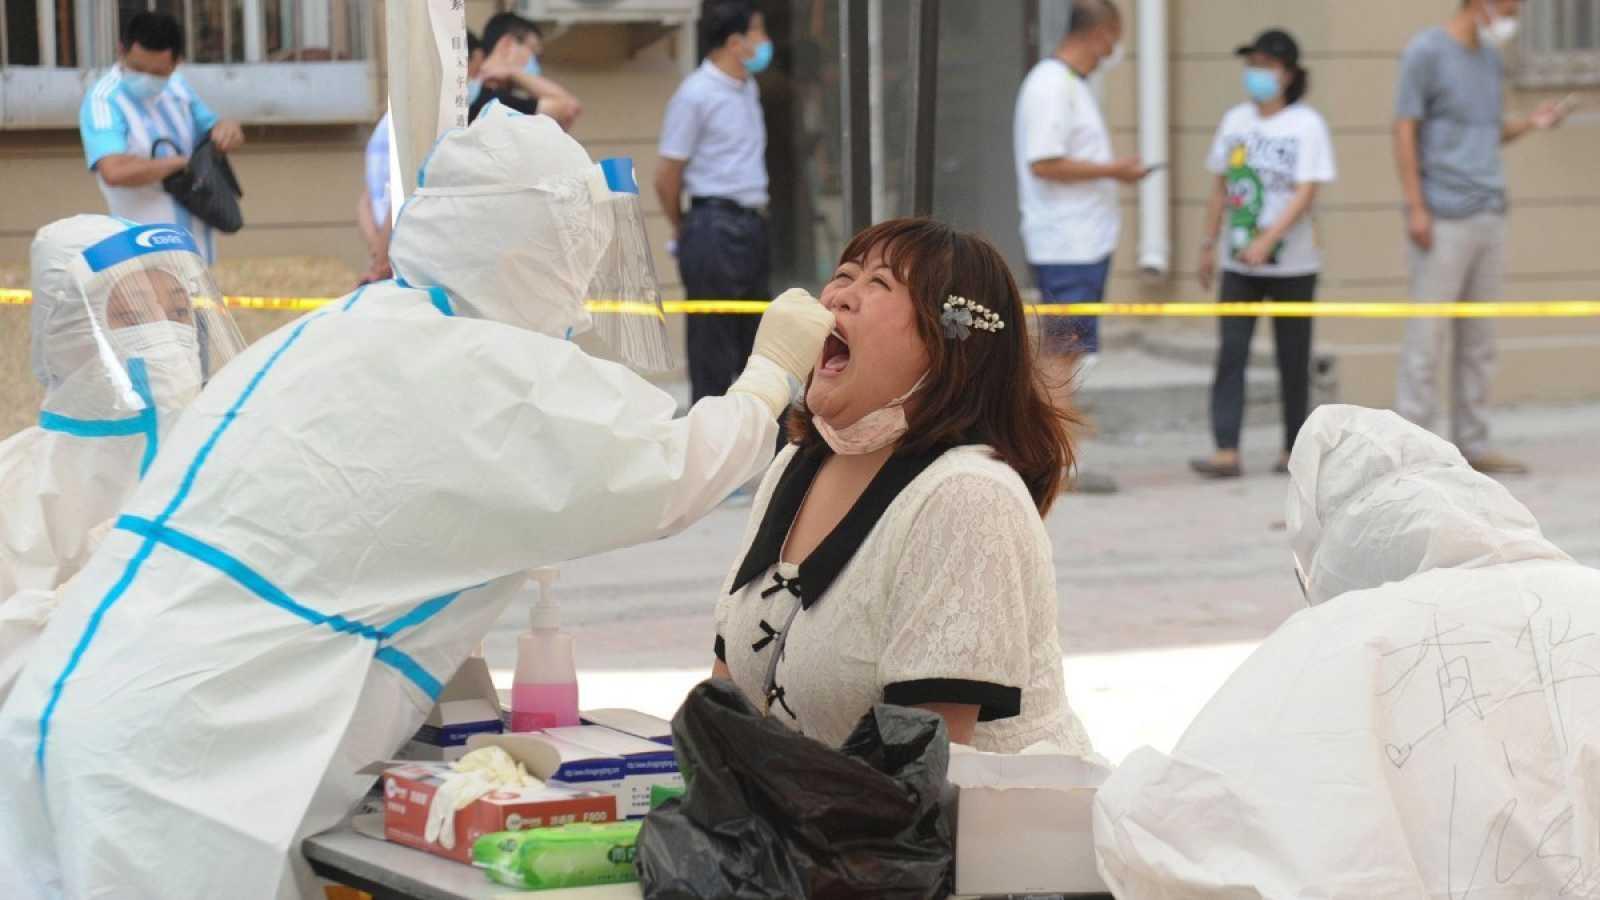 Un sanitario realiza una prueba de coronavirus a una residente en un centro de pruebas improvisado en Dalian, en la provincia nororiental de Liaoning en China